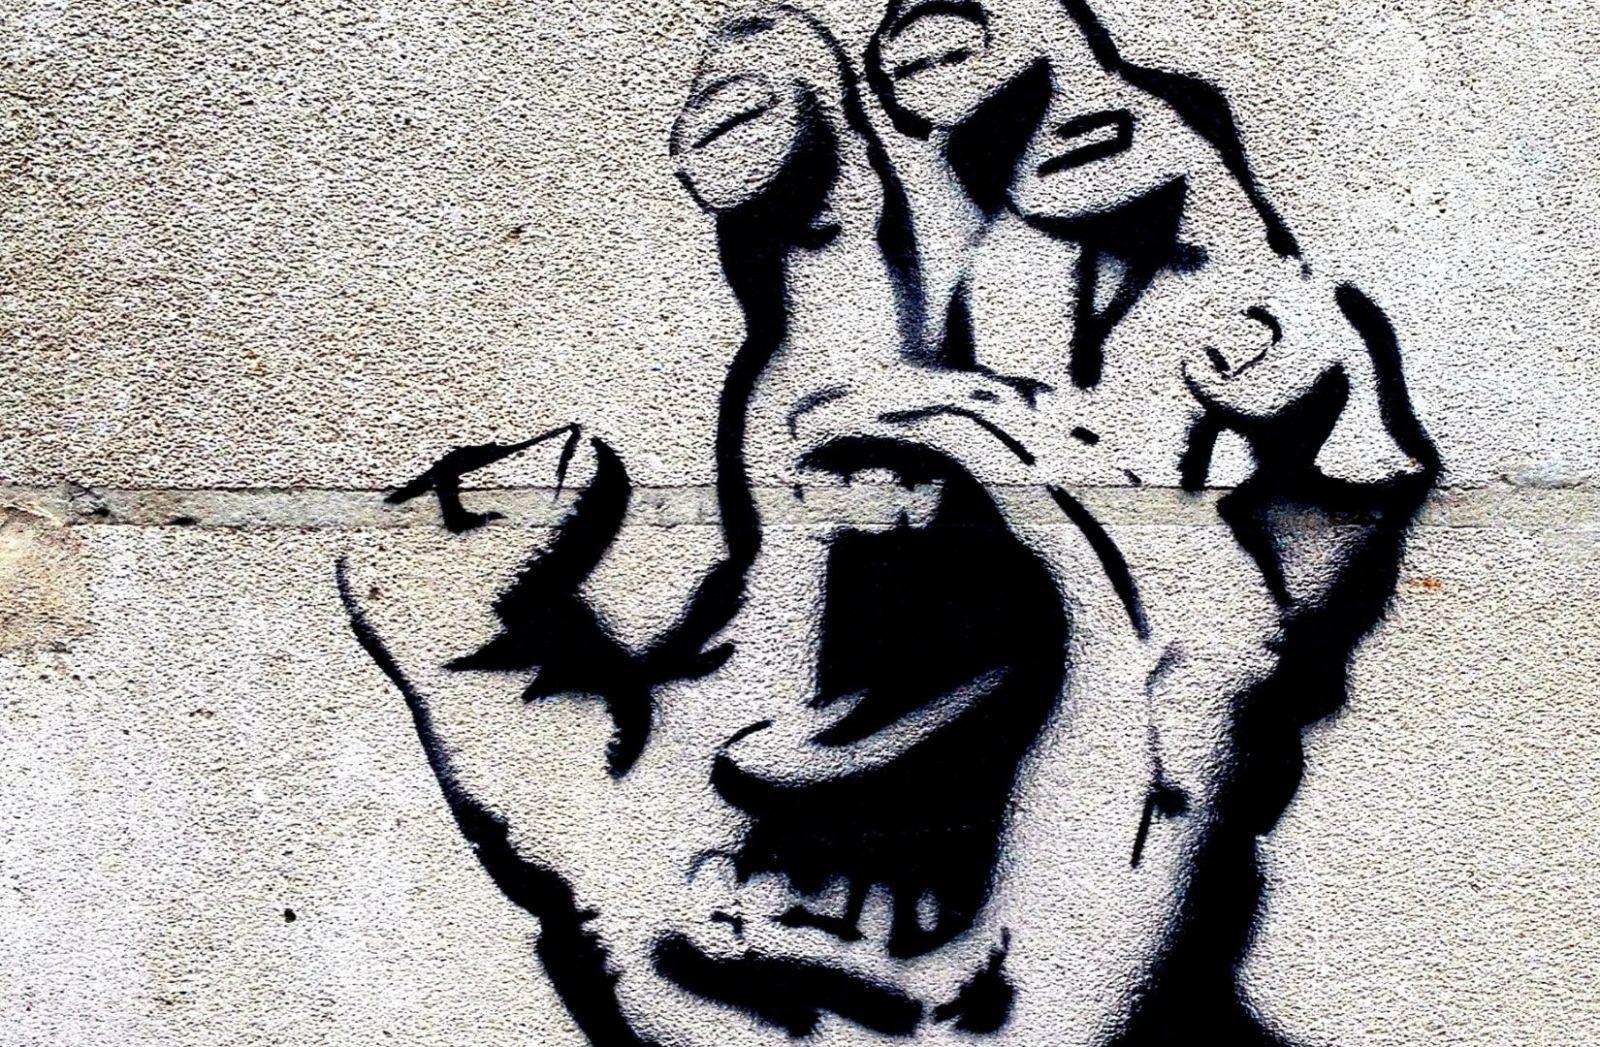 Die Sprache der Unmenschen bleibt zu oft ohne Widerspruch. (Symbolfoto. Heather M. Edwards, Unsplash.com)